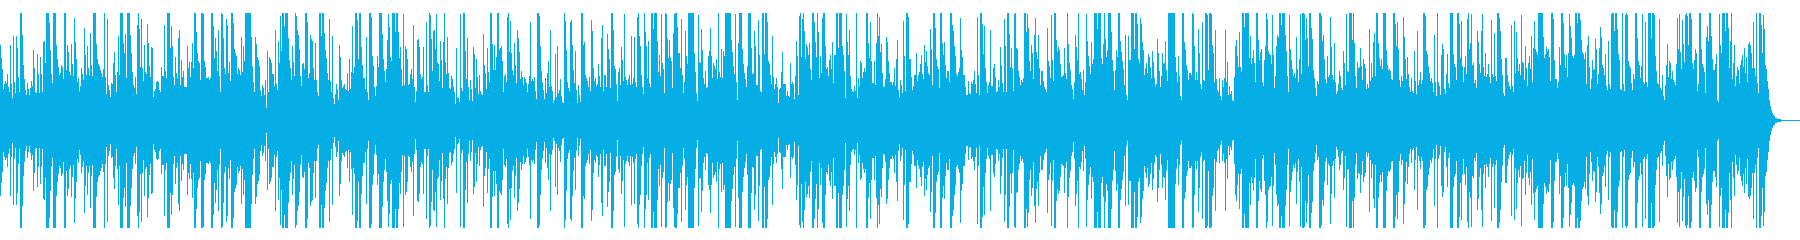 生音・中近東・アラブ・アラビア風民族音楽の再生済みの波形